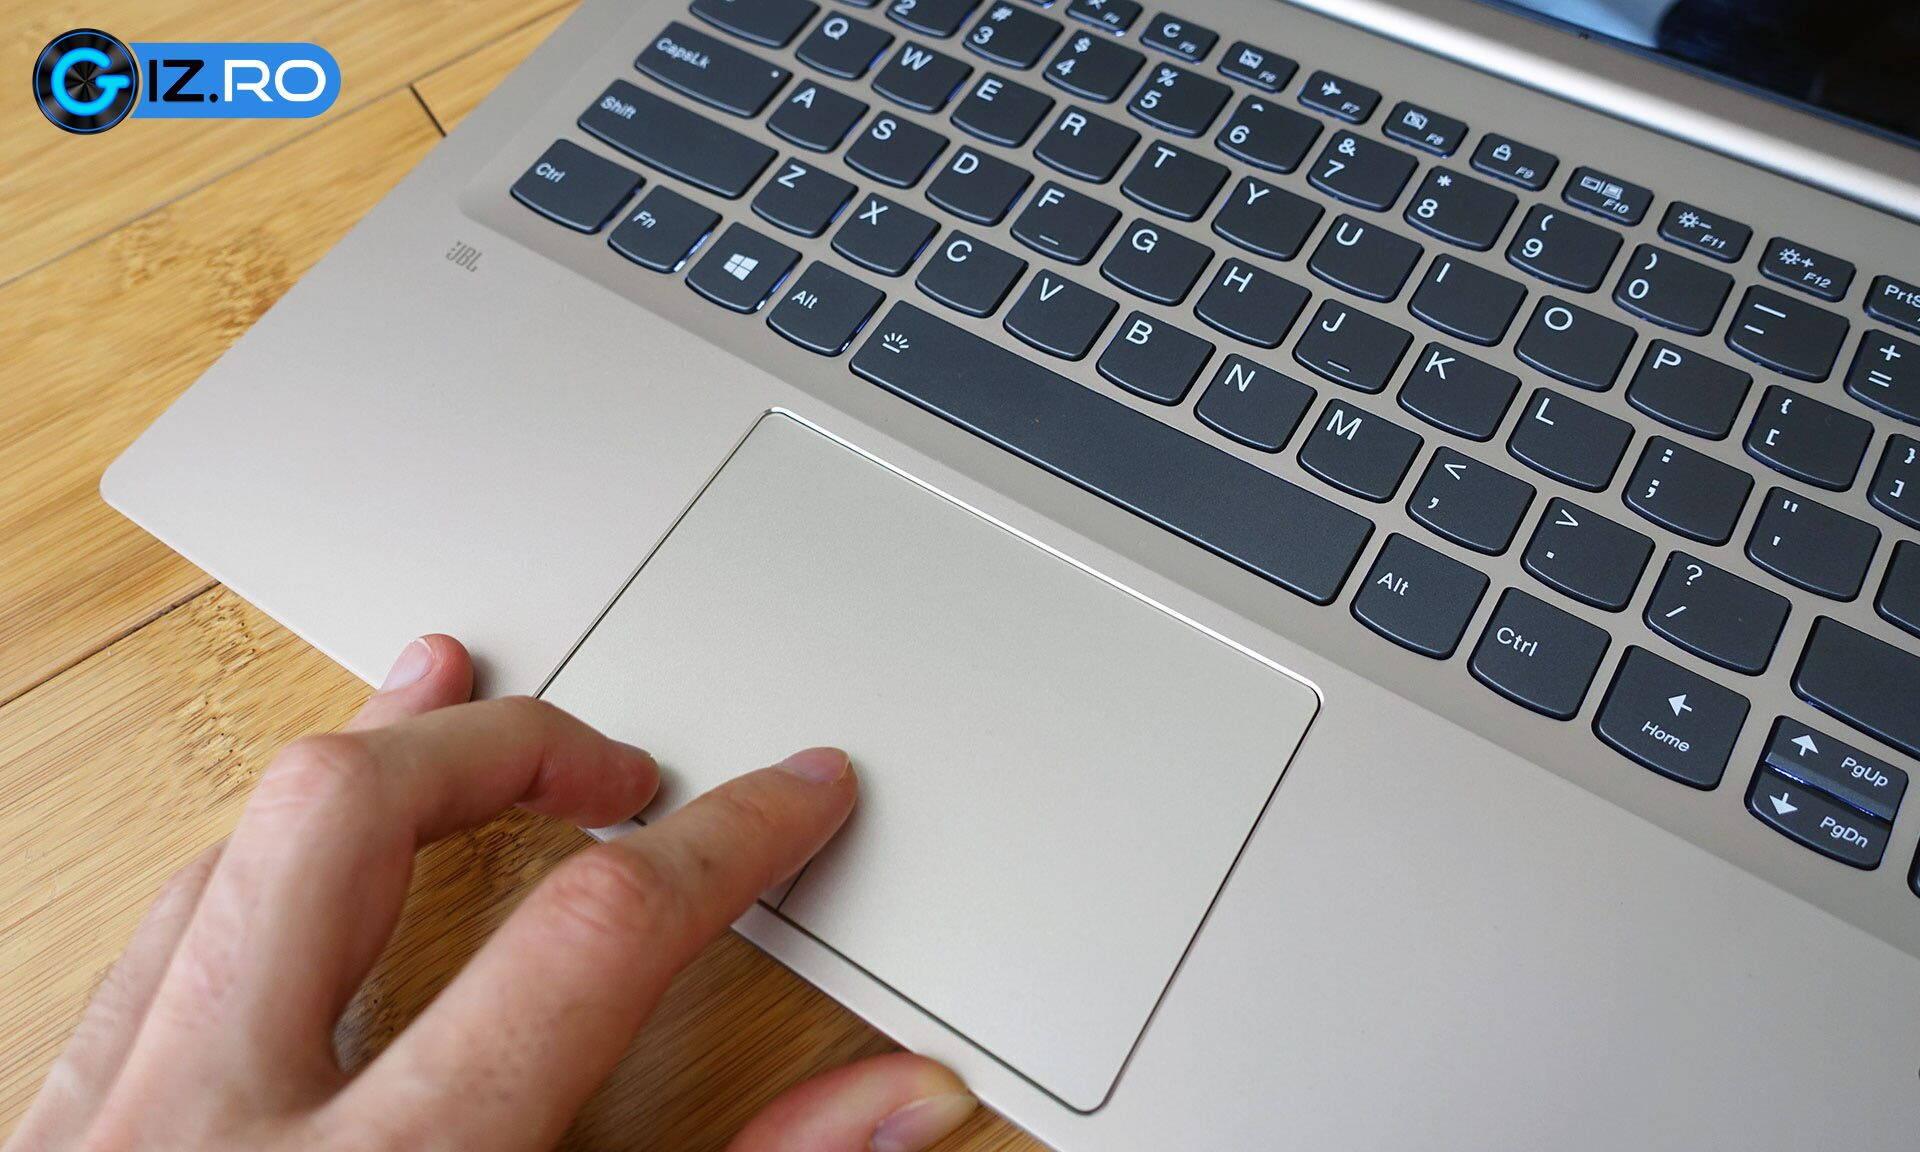 lenovo-ideapad-720s-trackpad